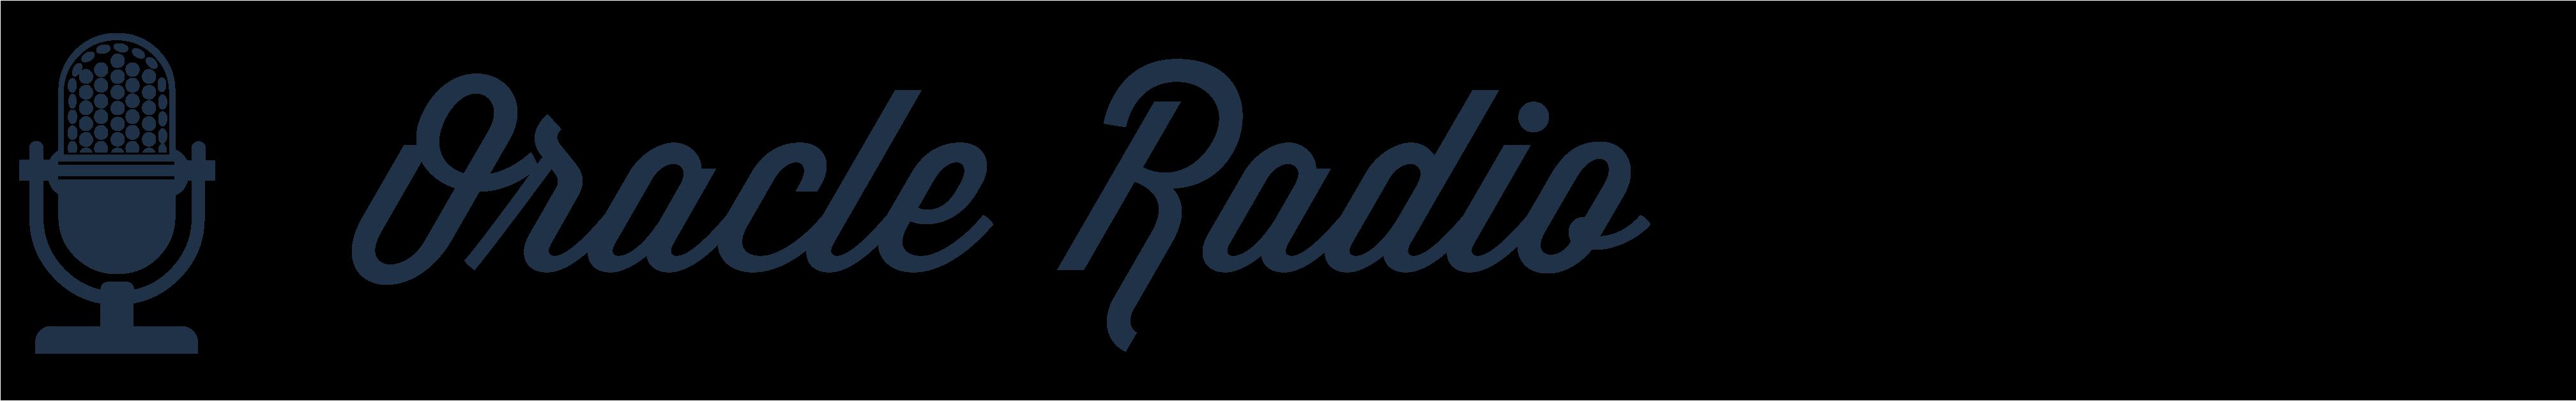 Oracle Radio